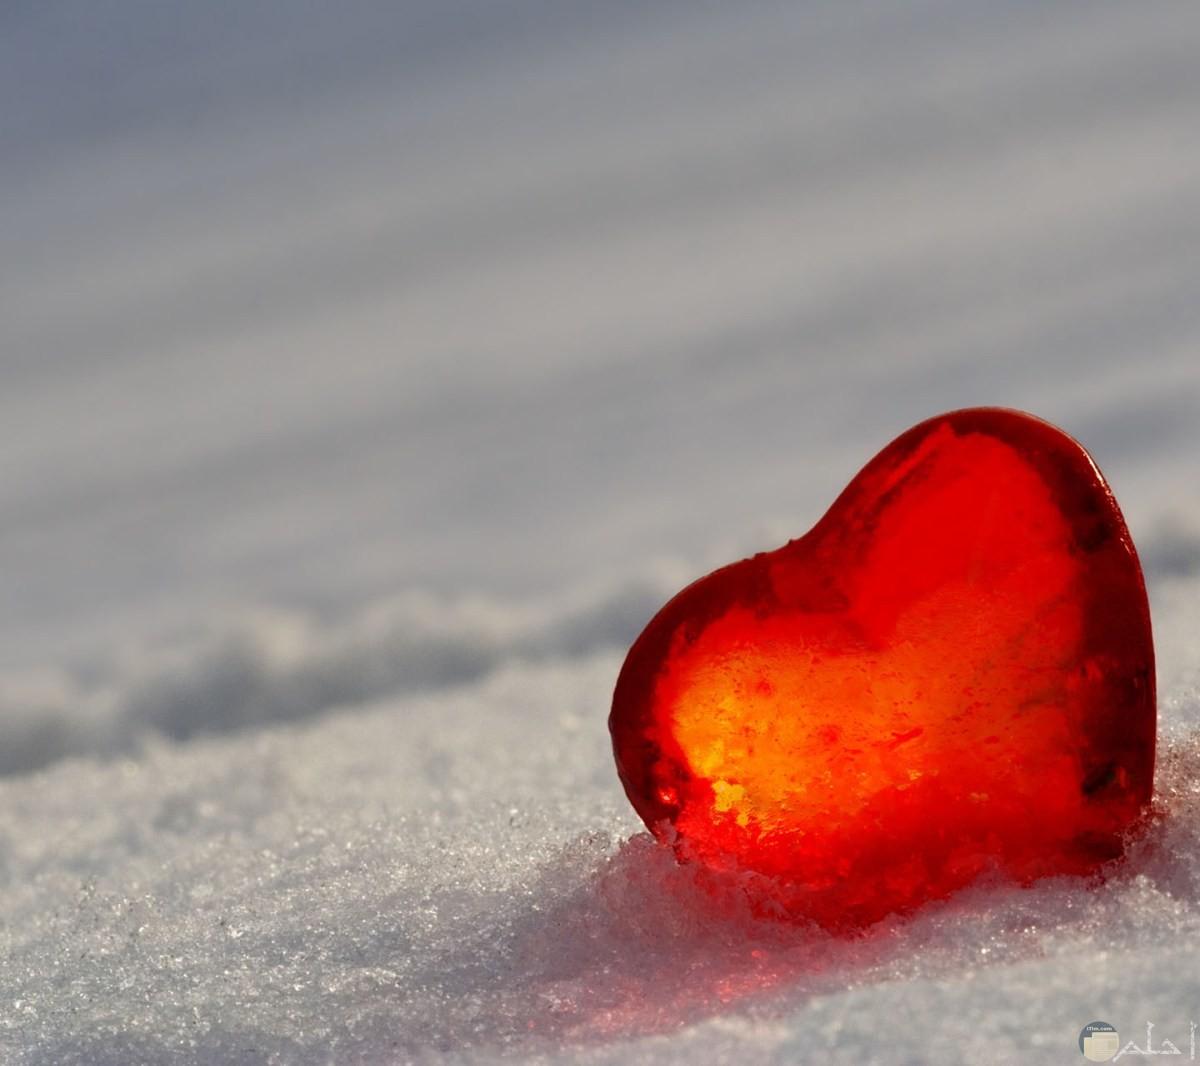 القلب الأحمر مع موج البحر